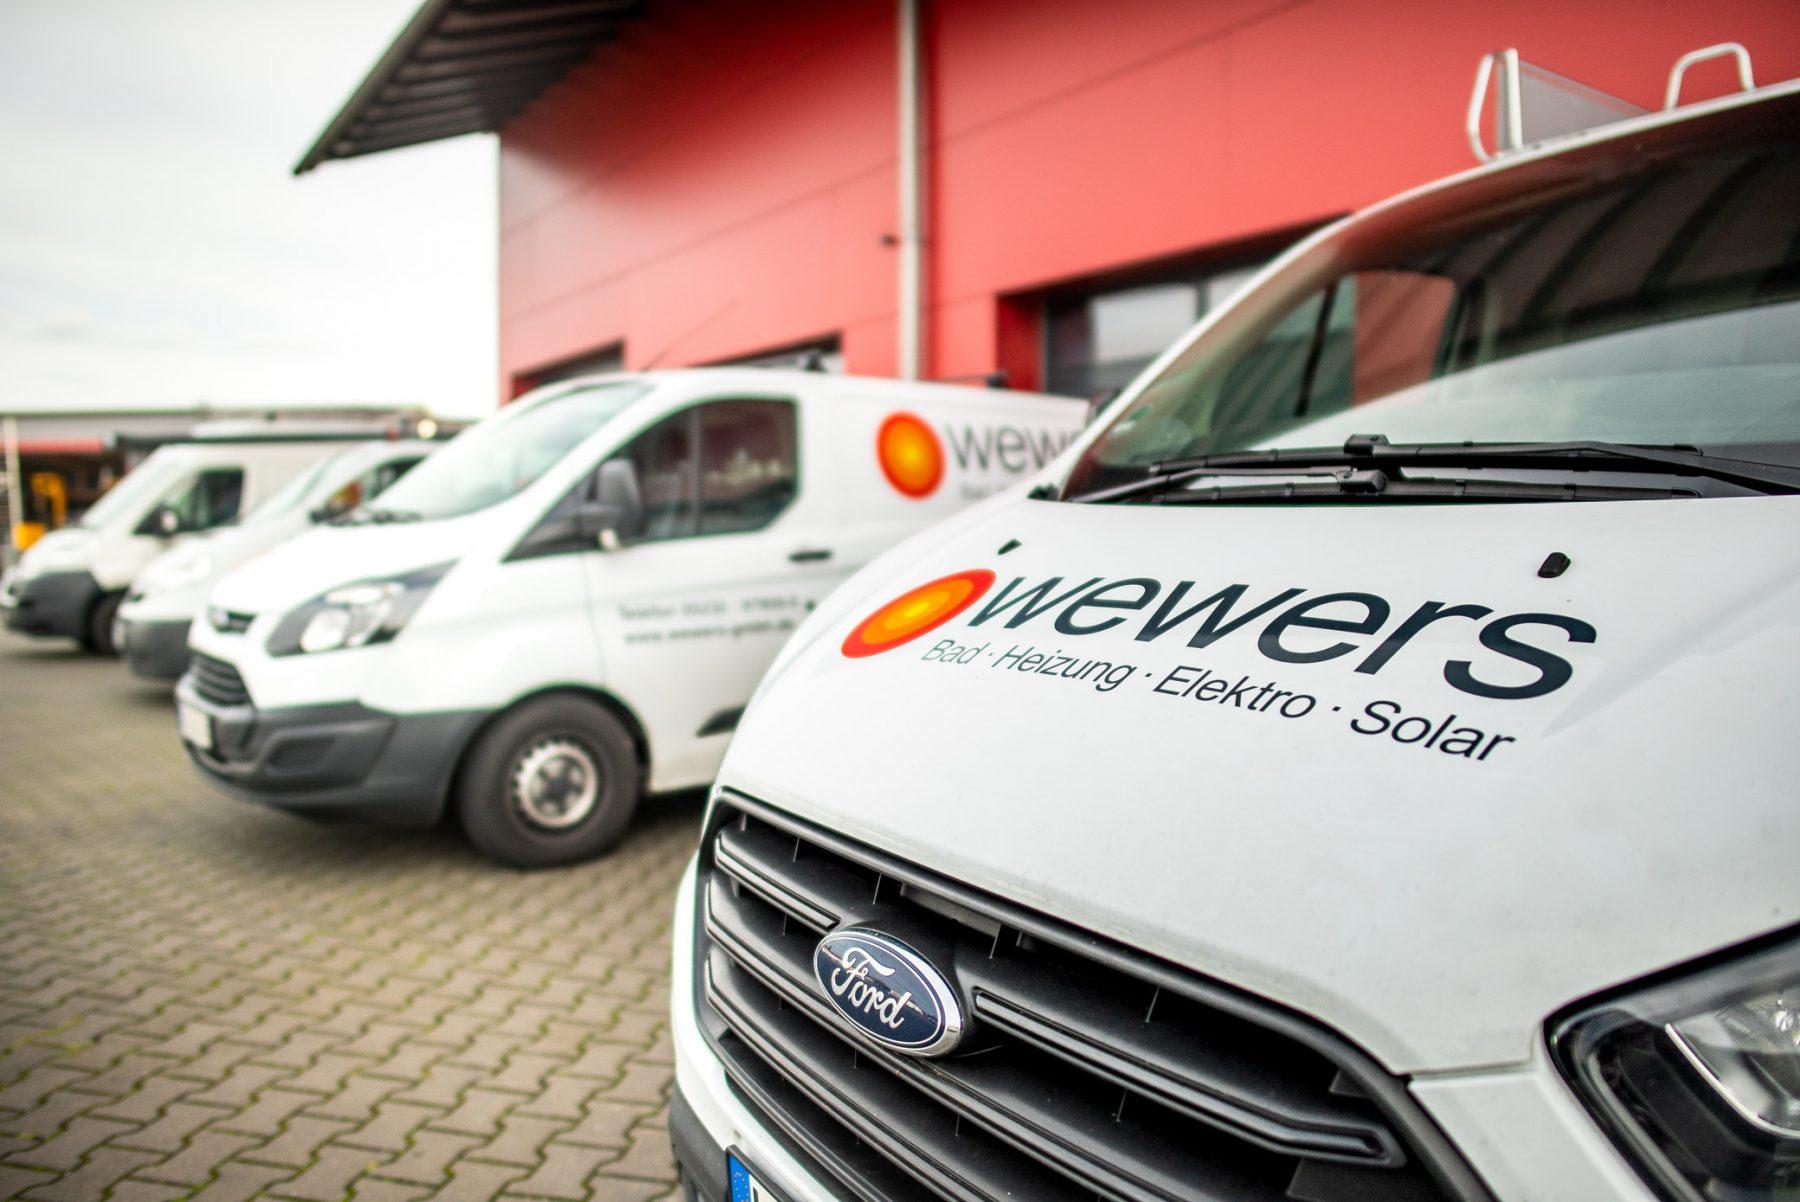 Fahrzeuge der wewers GmbH